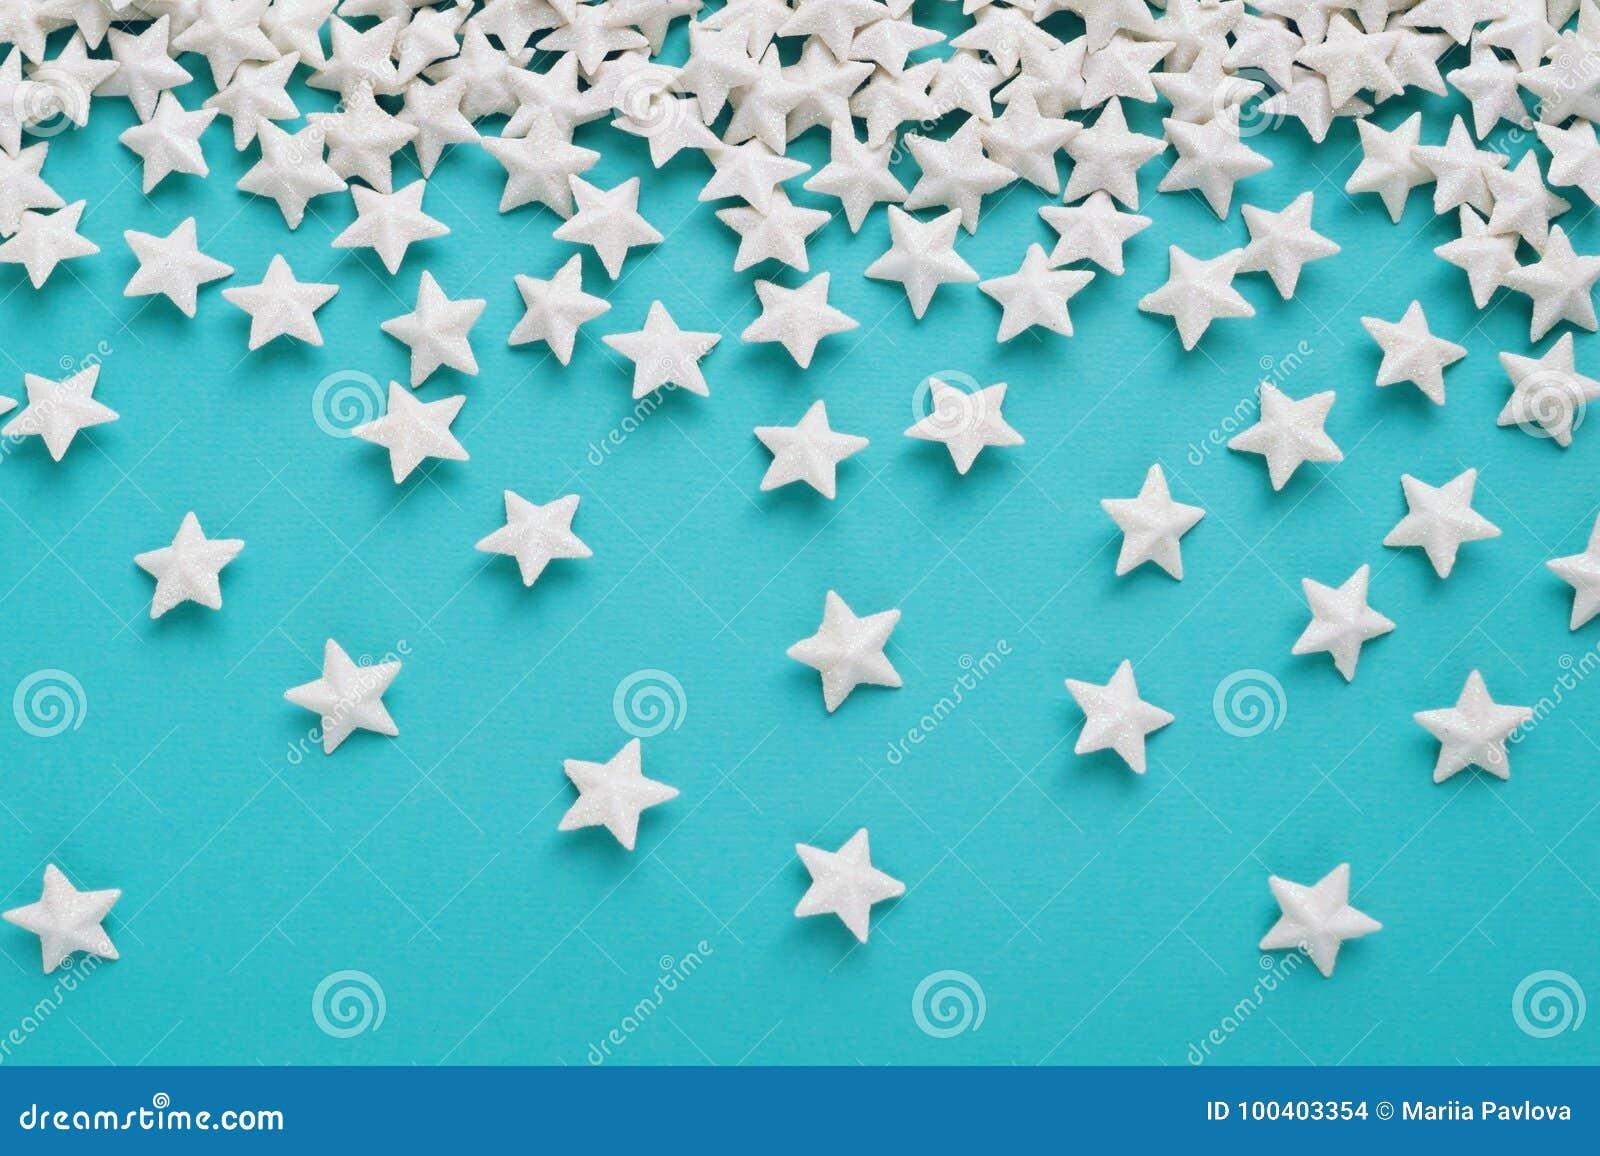 Fondo Azul Con Las Estrellas Blancas Foto De Archivo